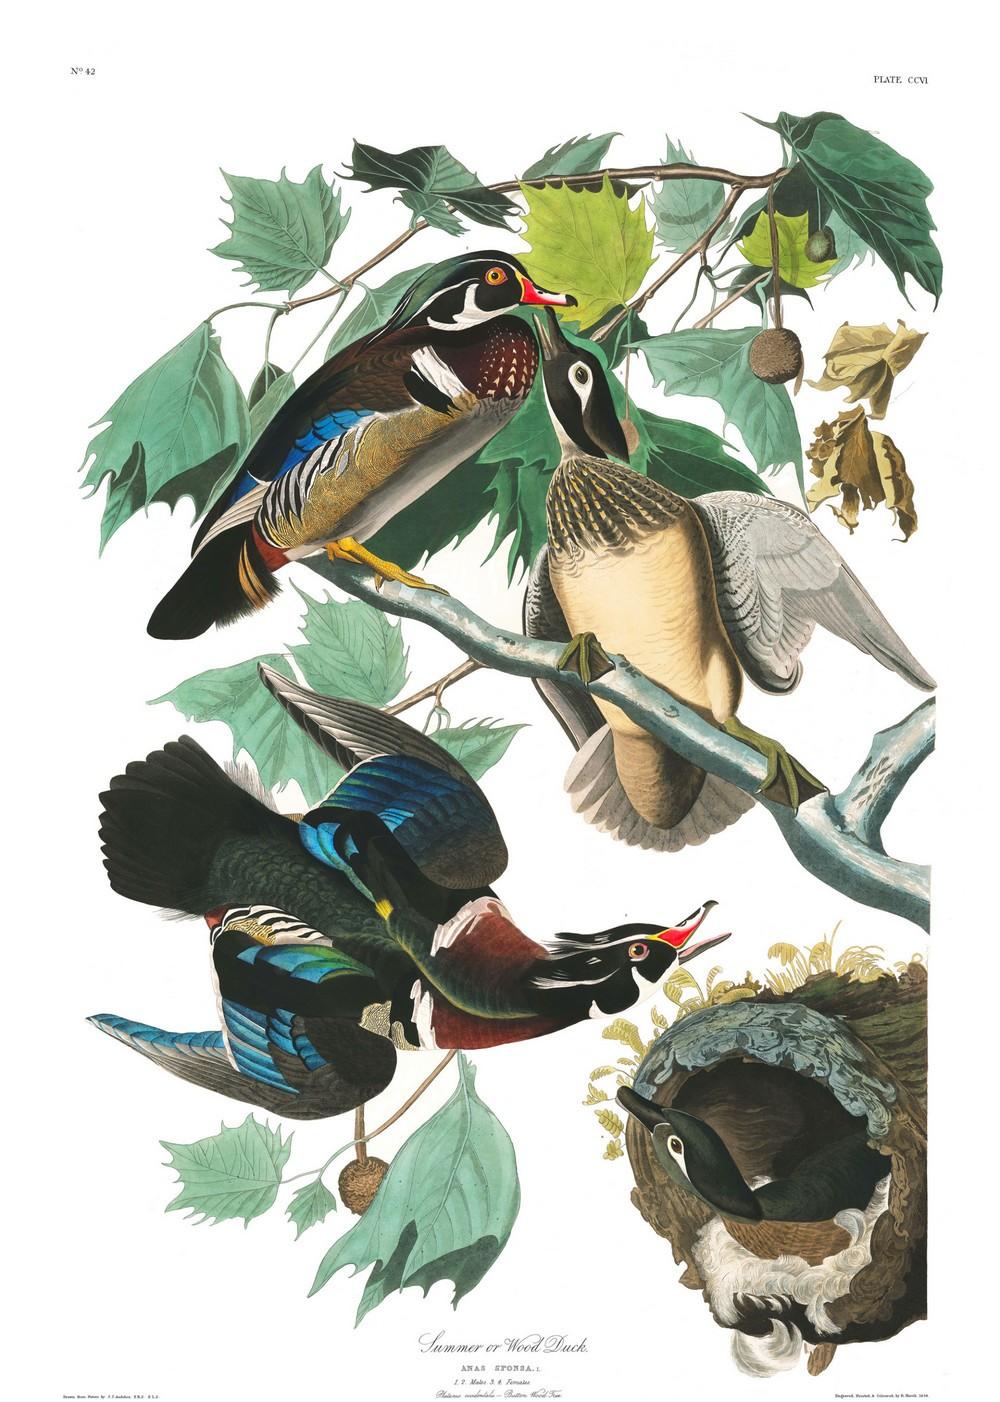 Иллюстрации из книги Птицы Америки